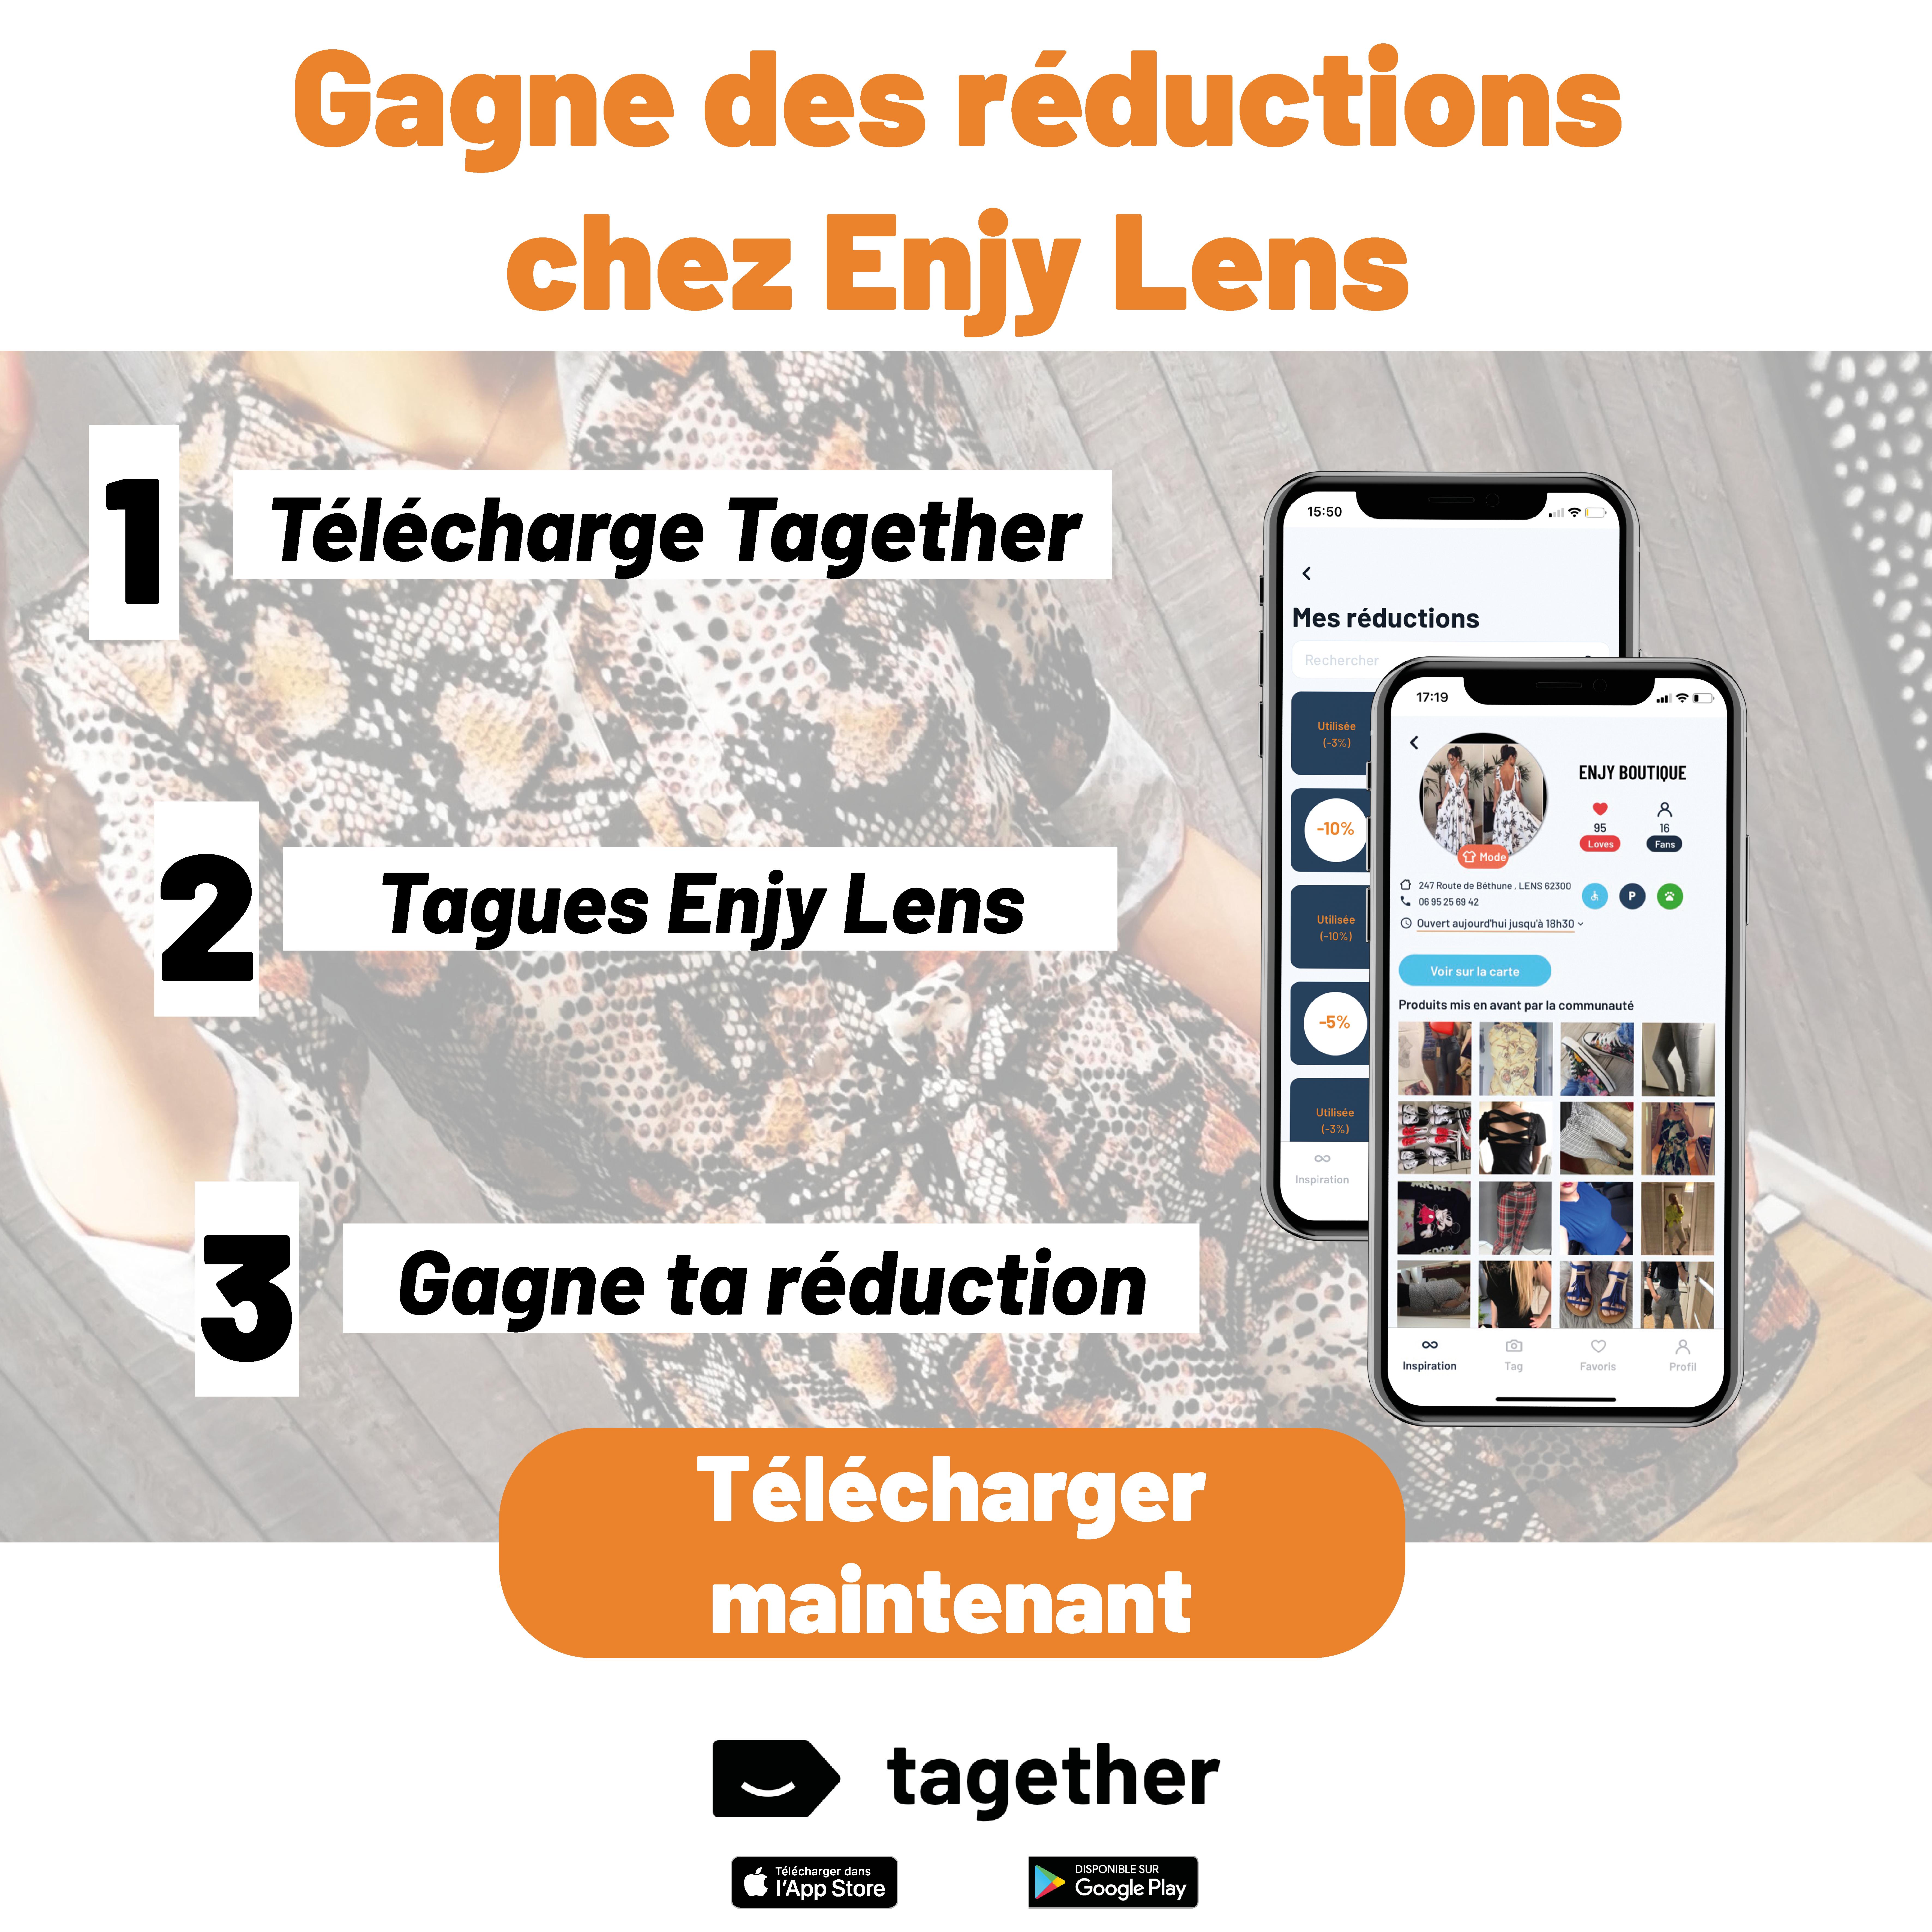 Enjy Lens